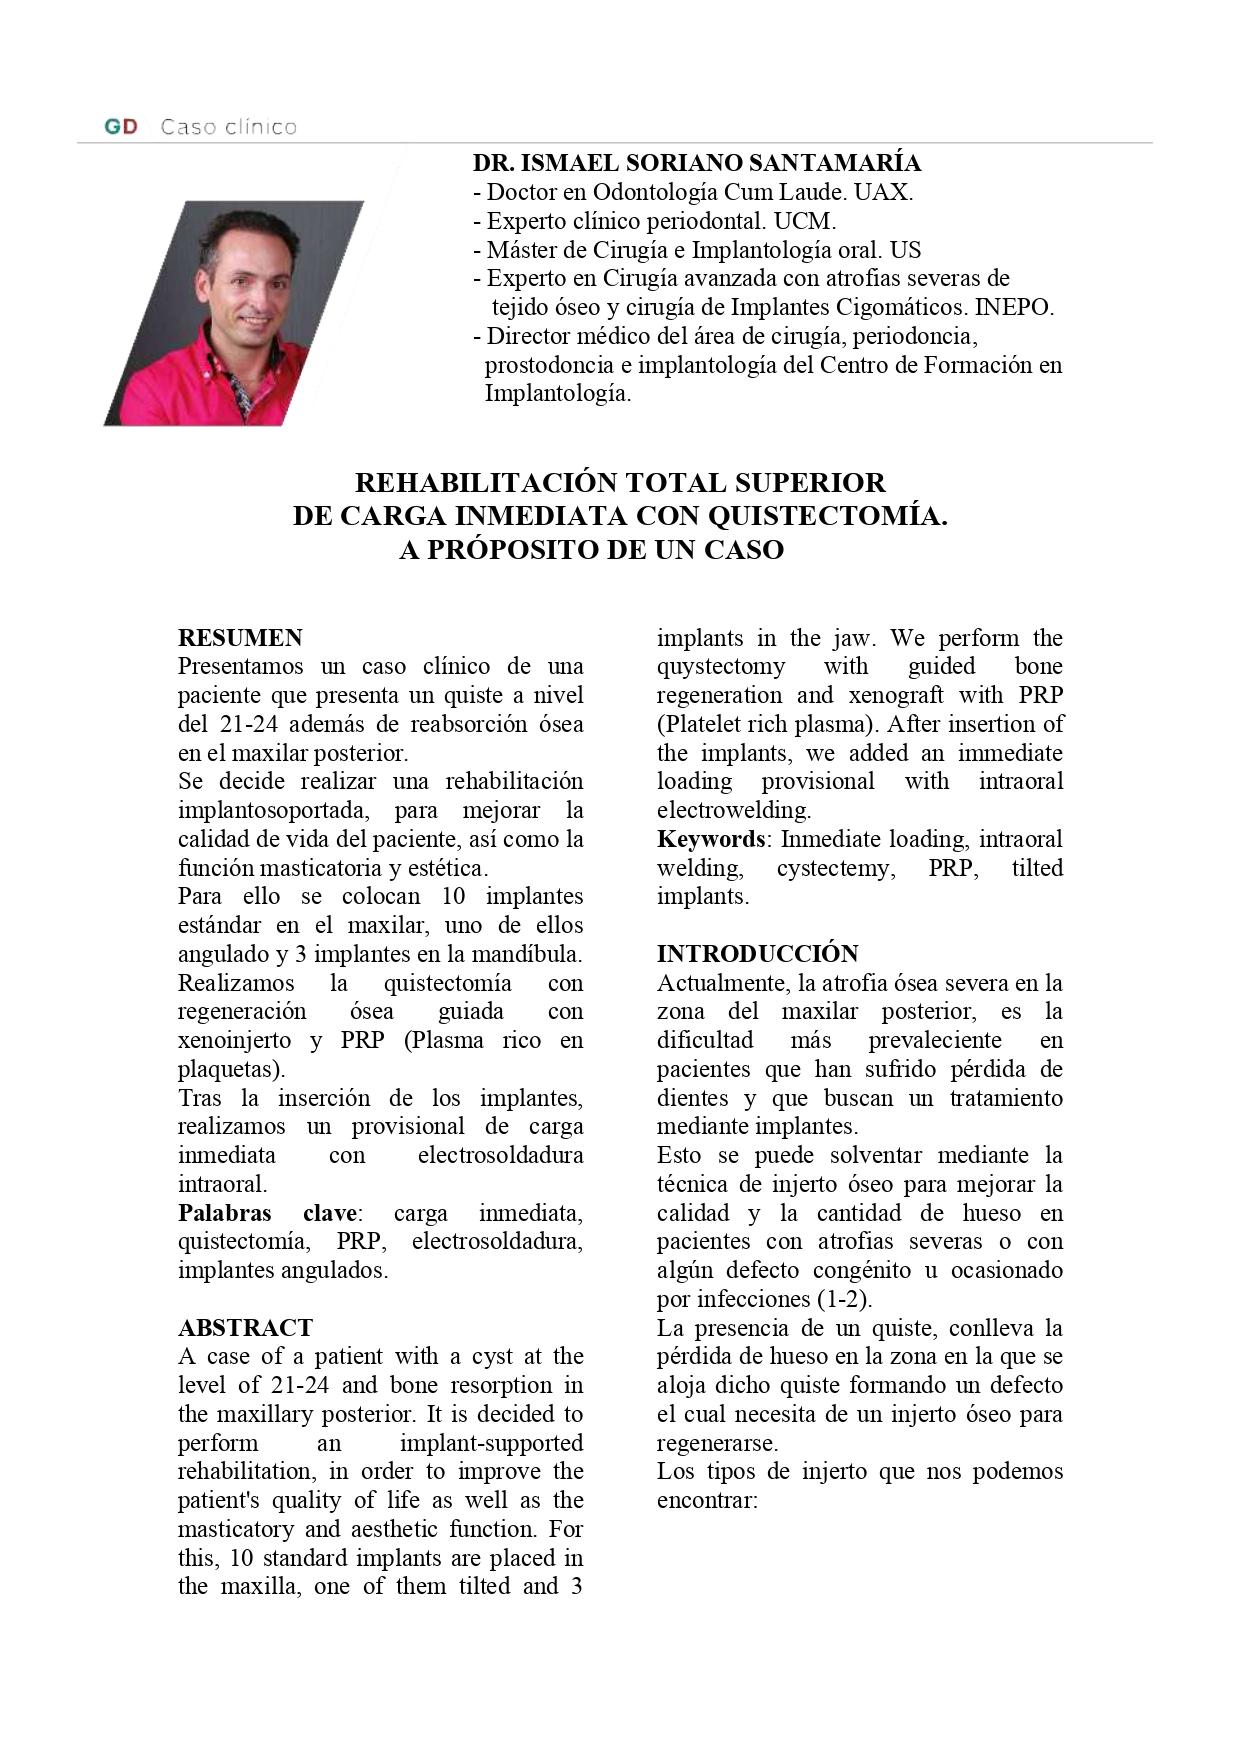 CASO-CLÍNICO-QUISTE-OK_page-0001